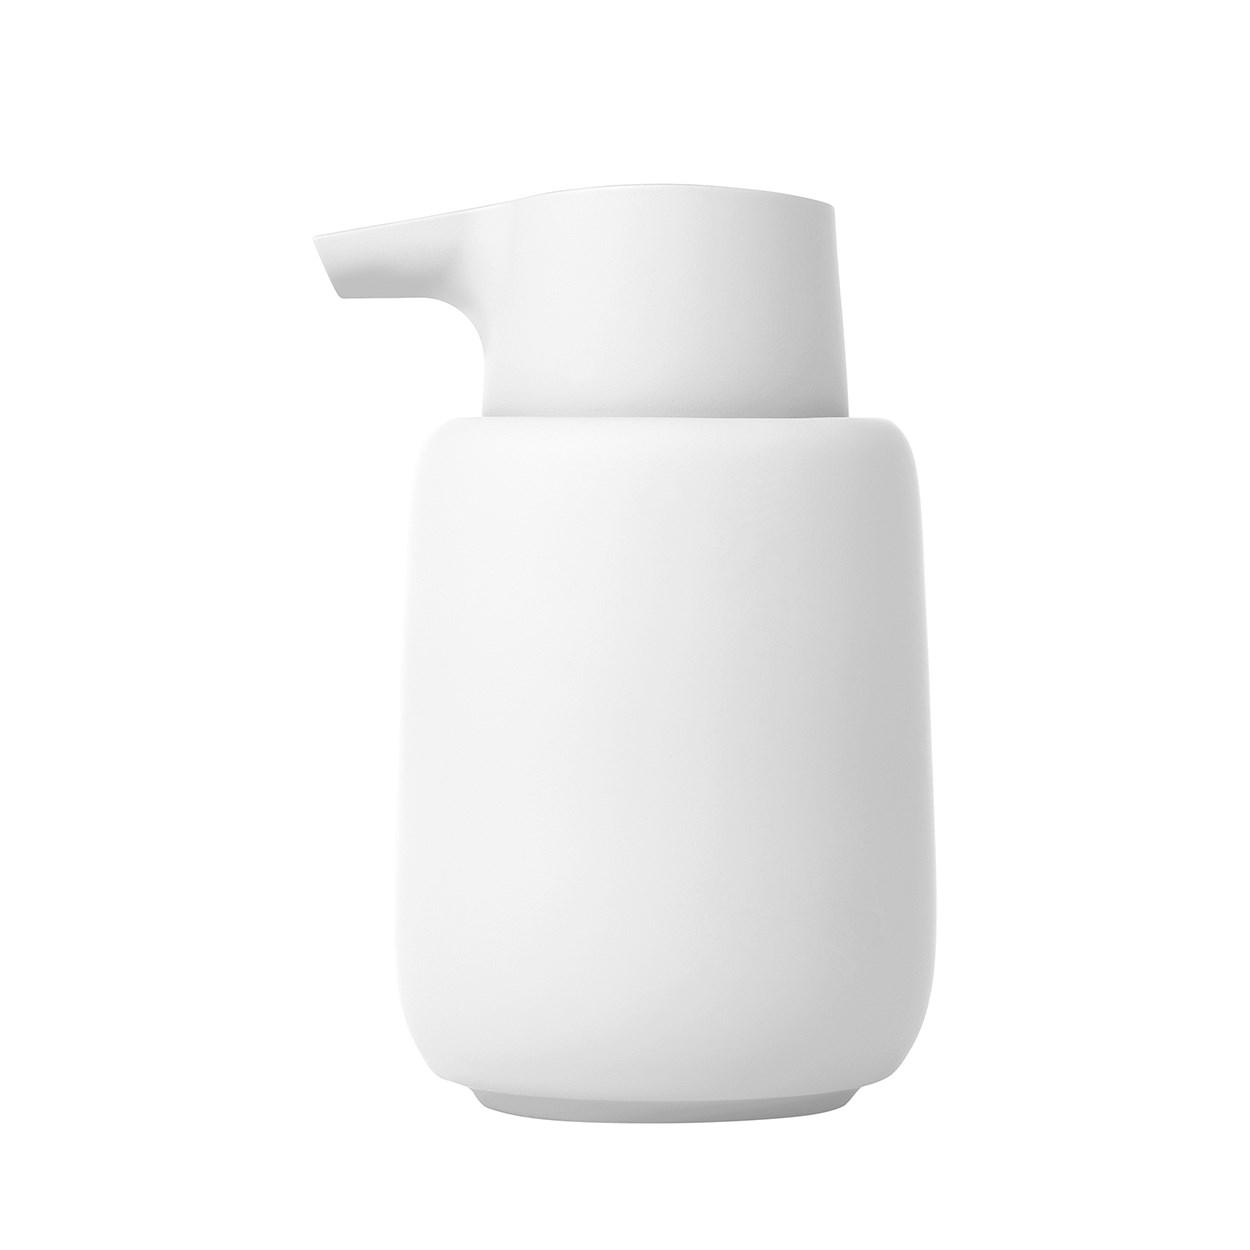 Dávkovač mýdla SONO bílý_0